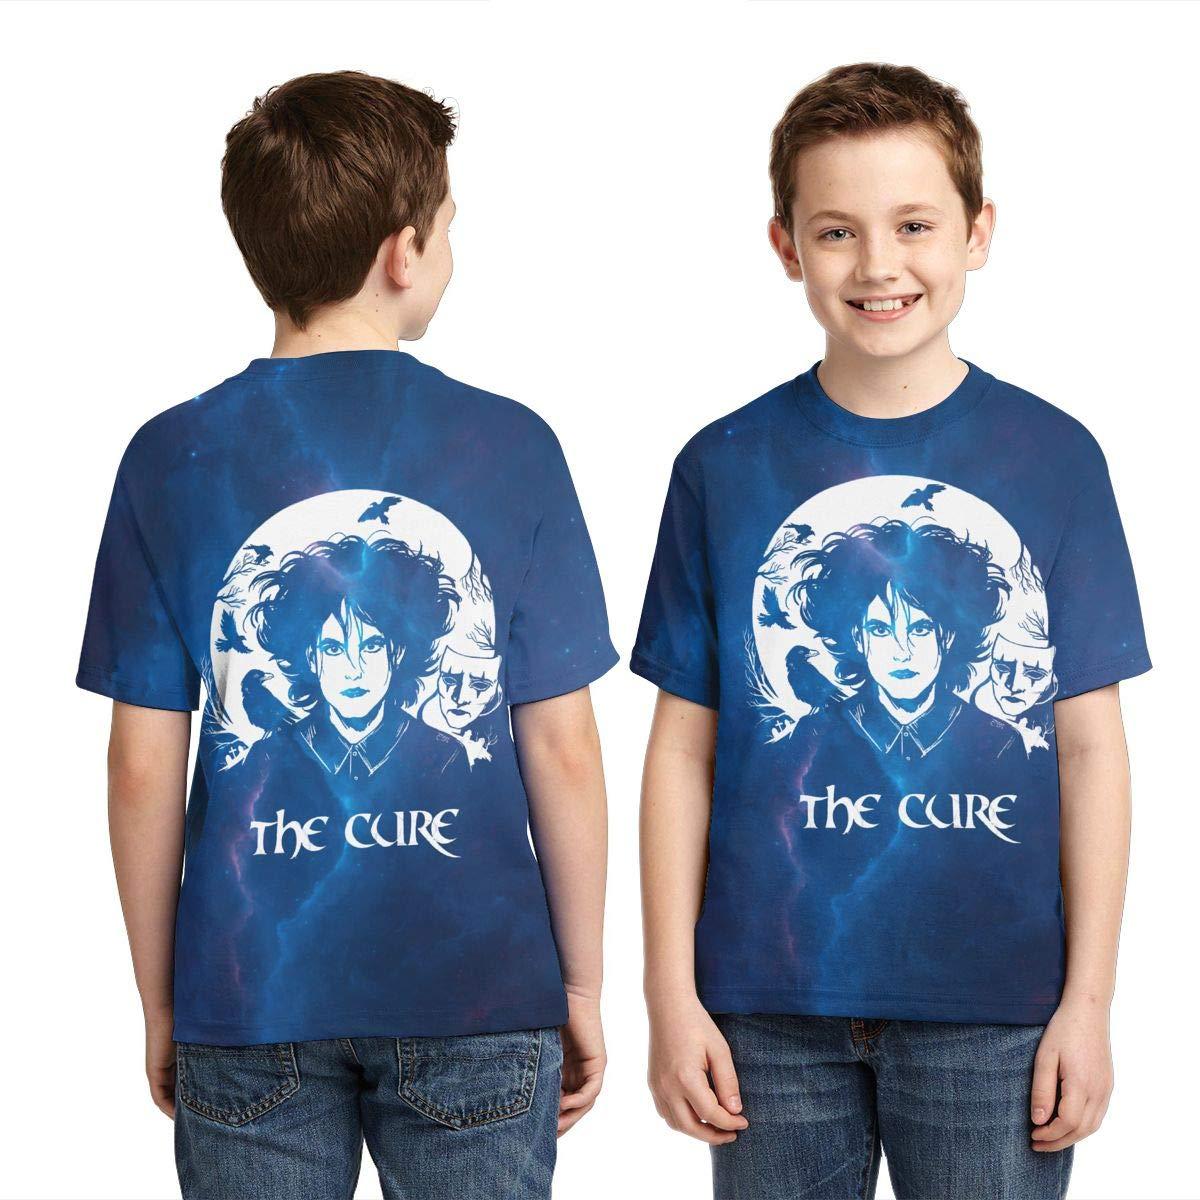 Caiyuzhuanmai Boys,Girls,Youth The Cure Tee Shirt